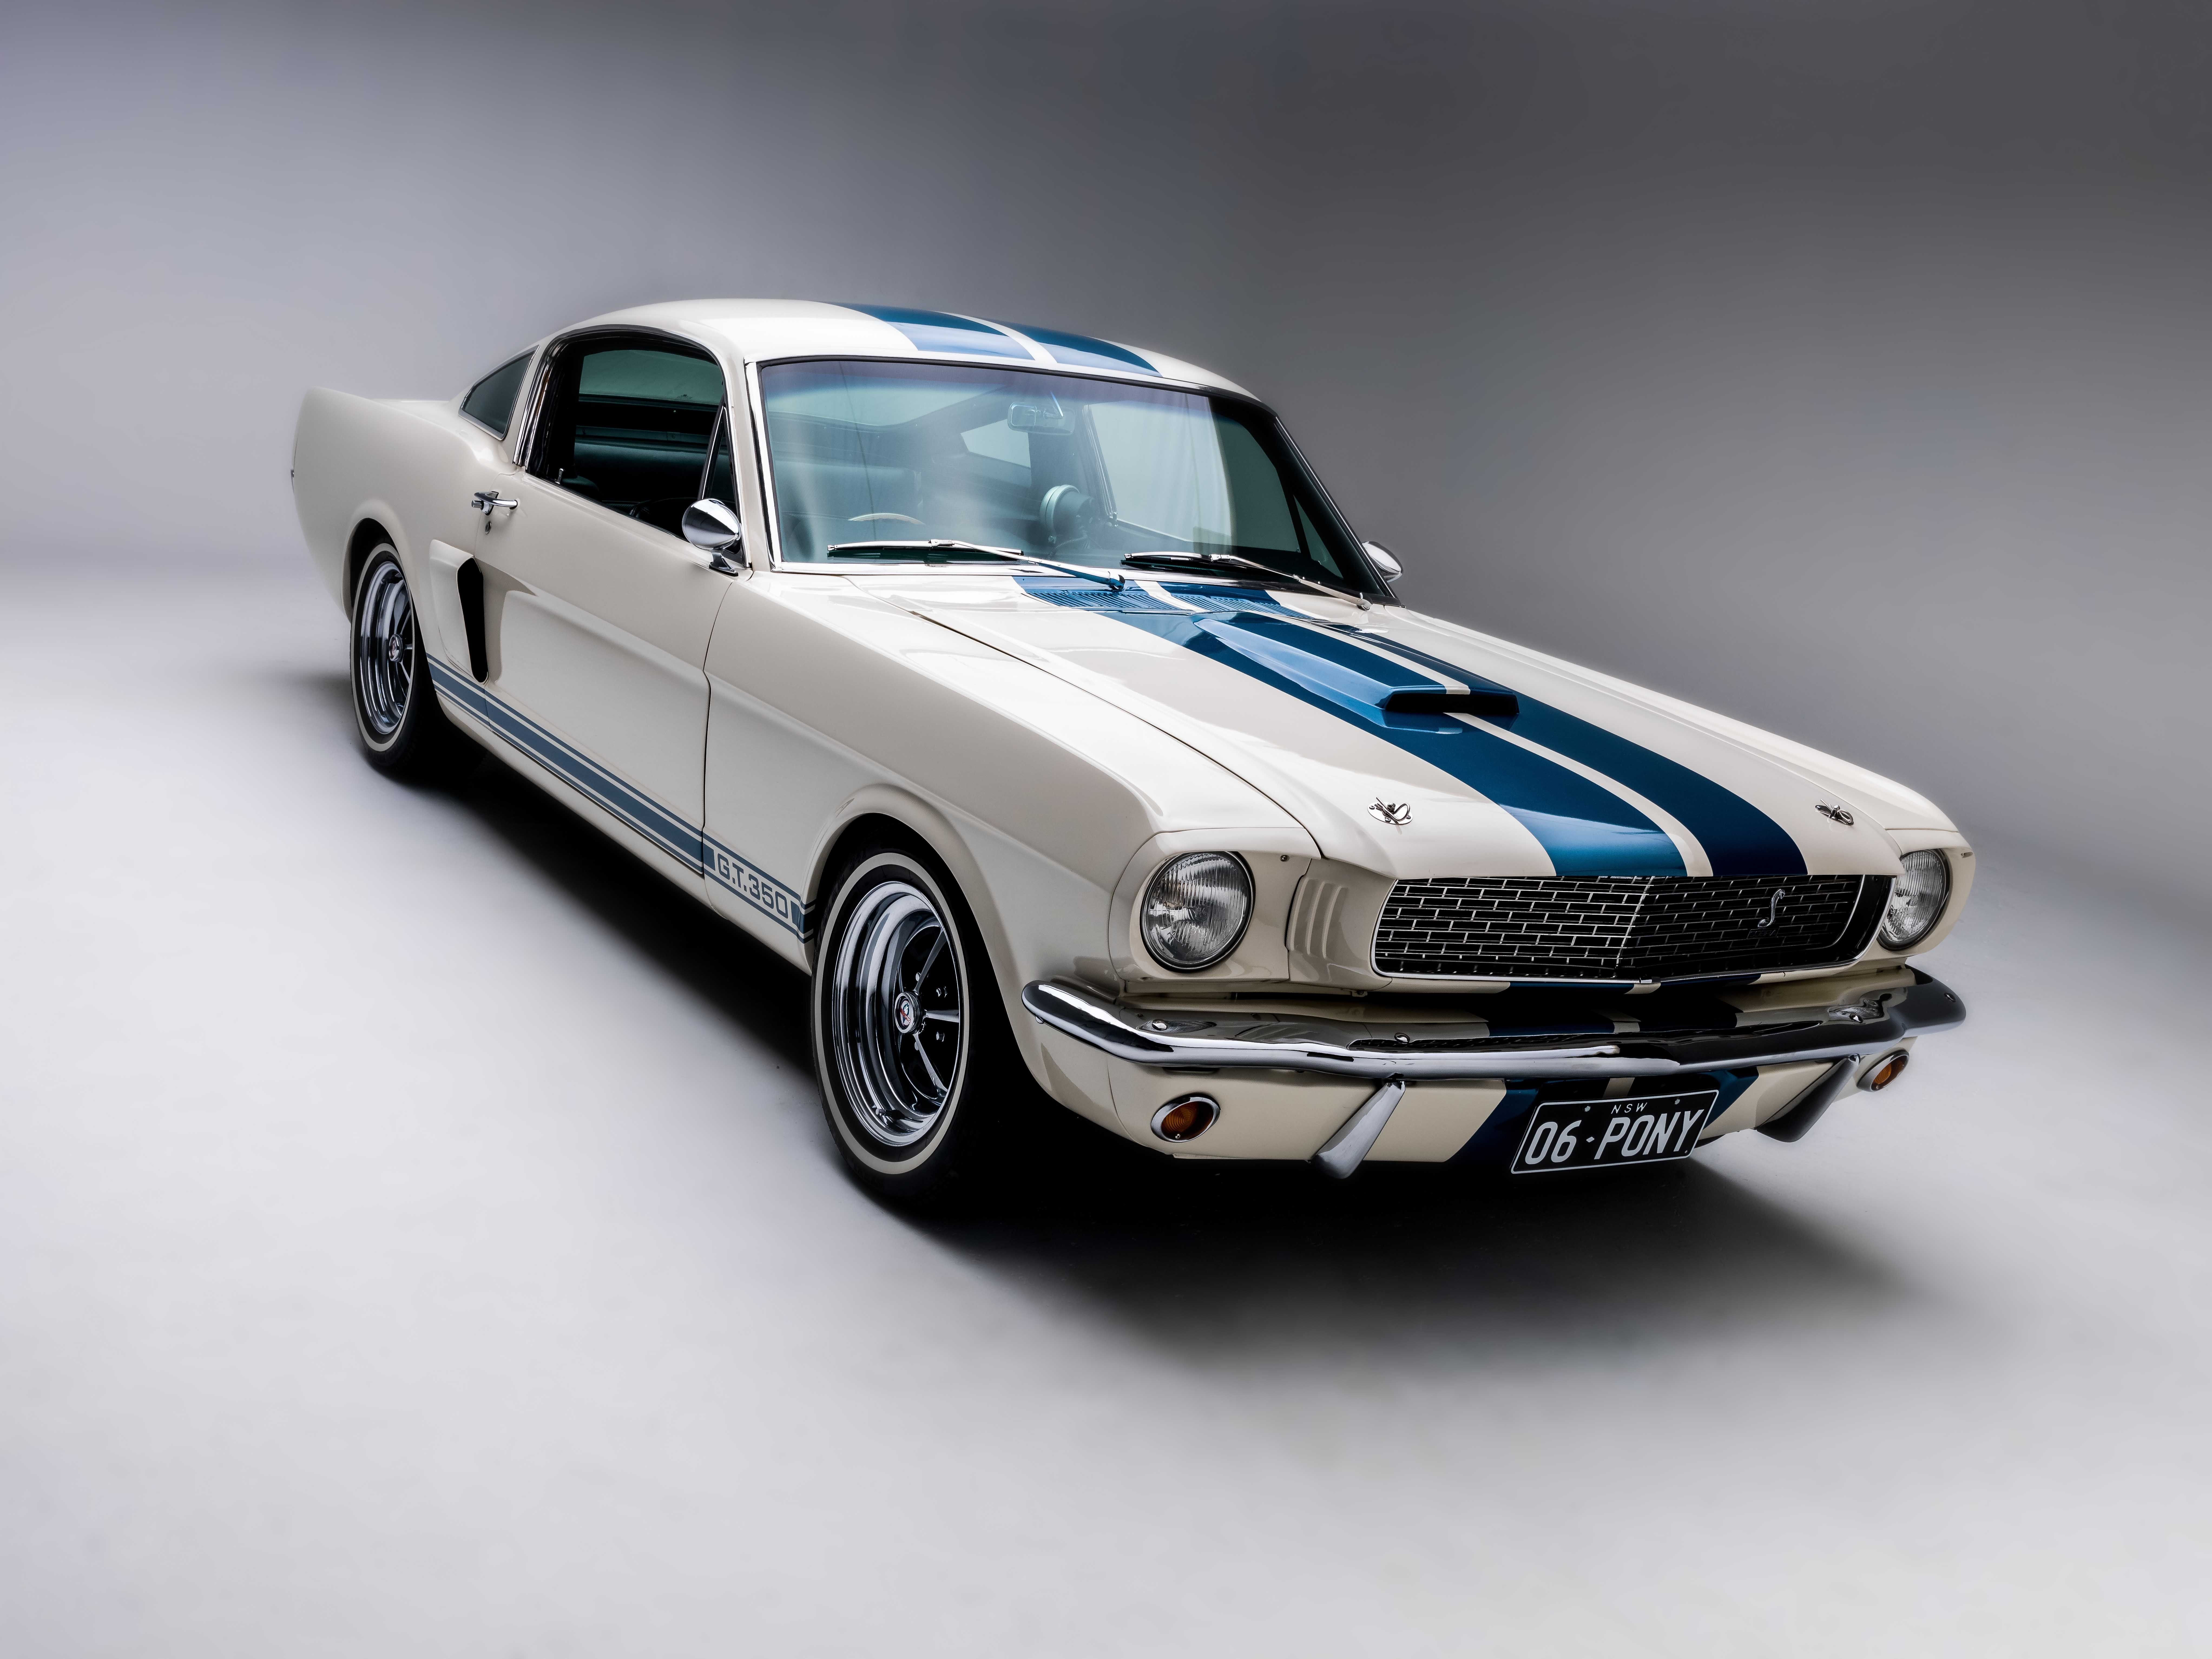 Classic Car Rental Atlanta >> The Hills Classic Cars, Classic Car Hire, Wedding Cars ...